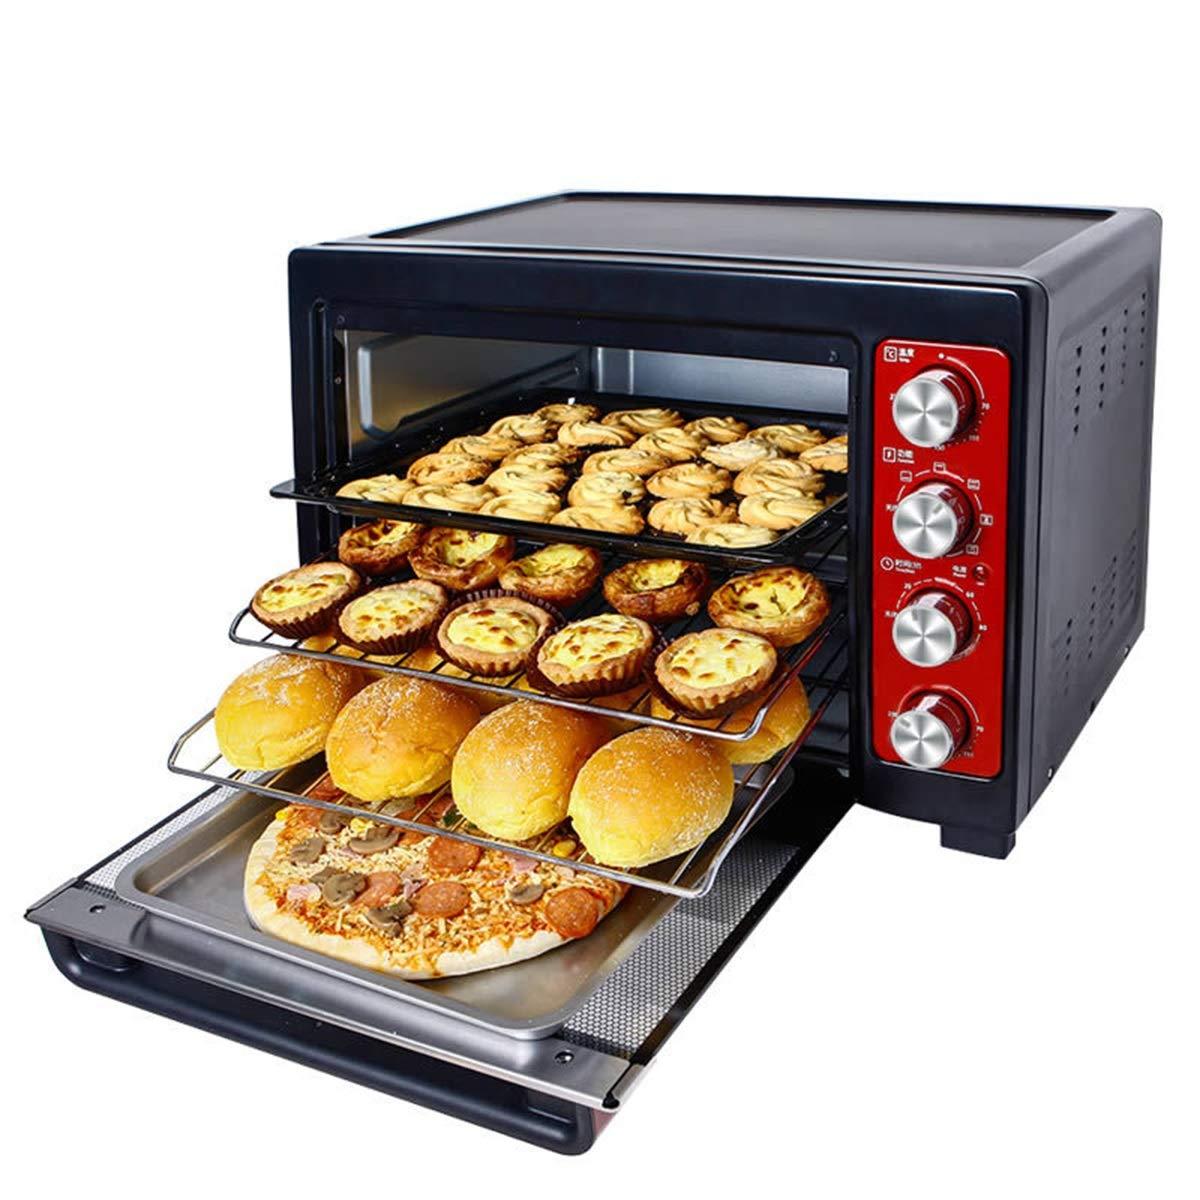 - オーブントースター ミニオーブン L家庭用電気オーブン多機能ベーキング上下独立温度制御オーブン ミニオーブン38   B07QP7GPJH SGKJJ -